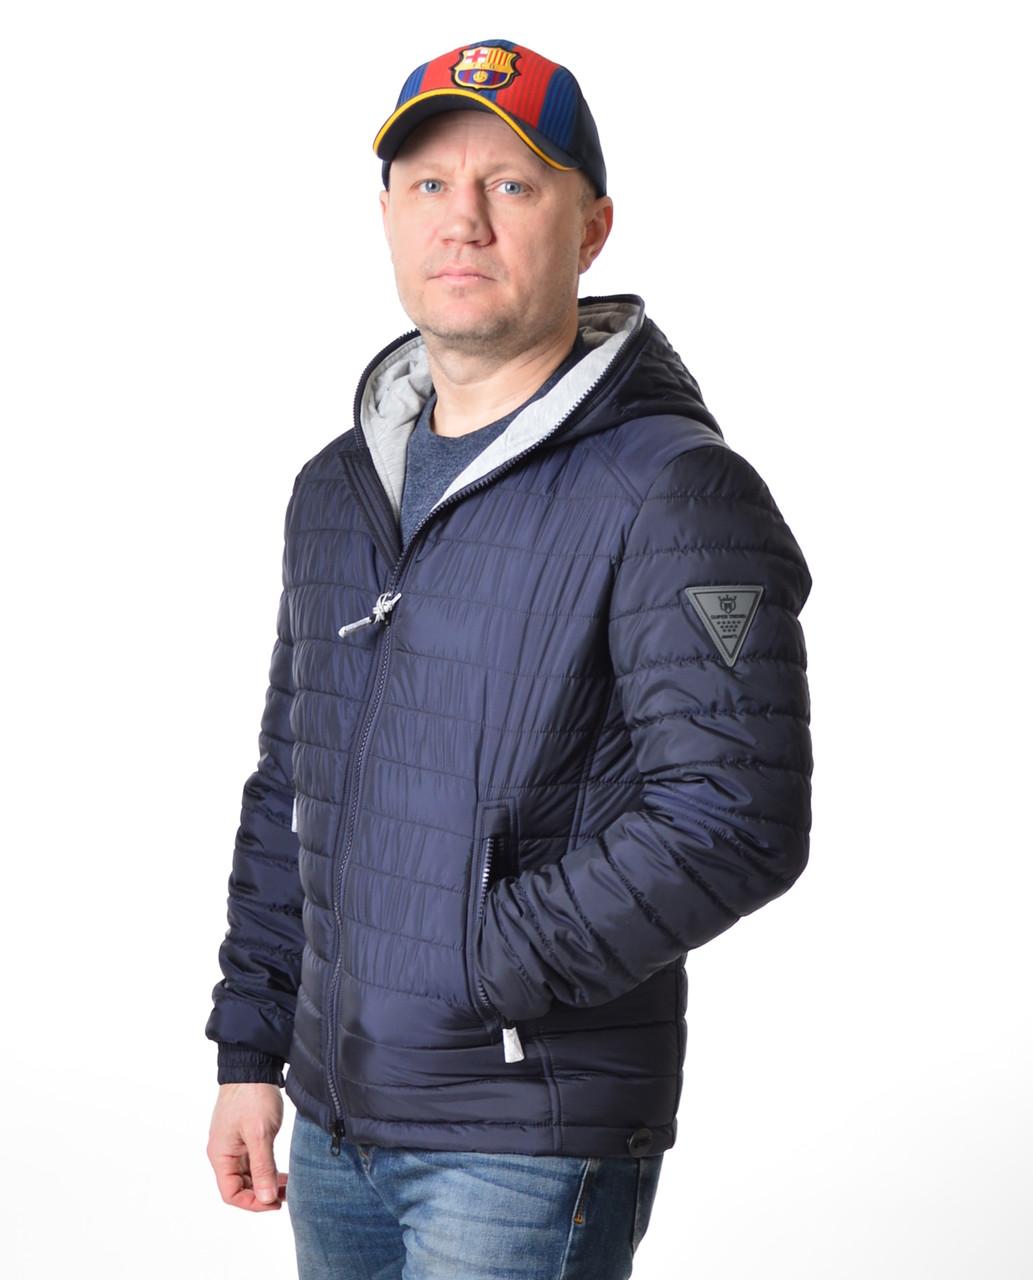 e2748452 Мужская куртка ветровка Vivacana 67SS101 - Интернет-магазин курток и  пуховиков в Днепре